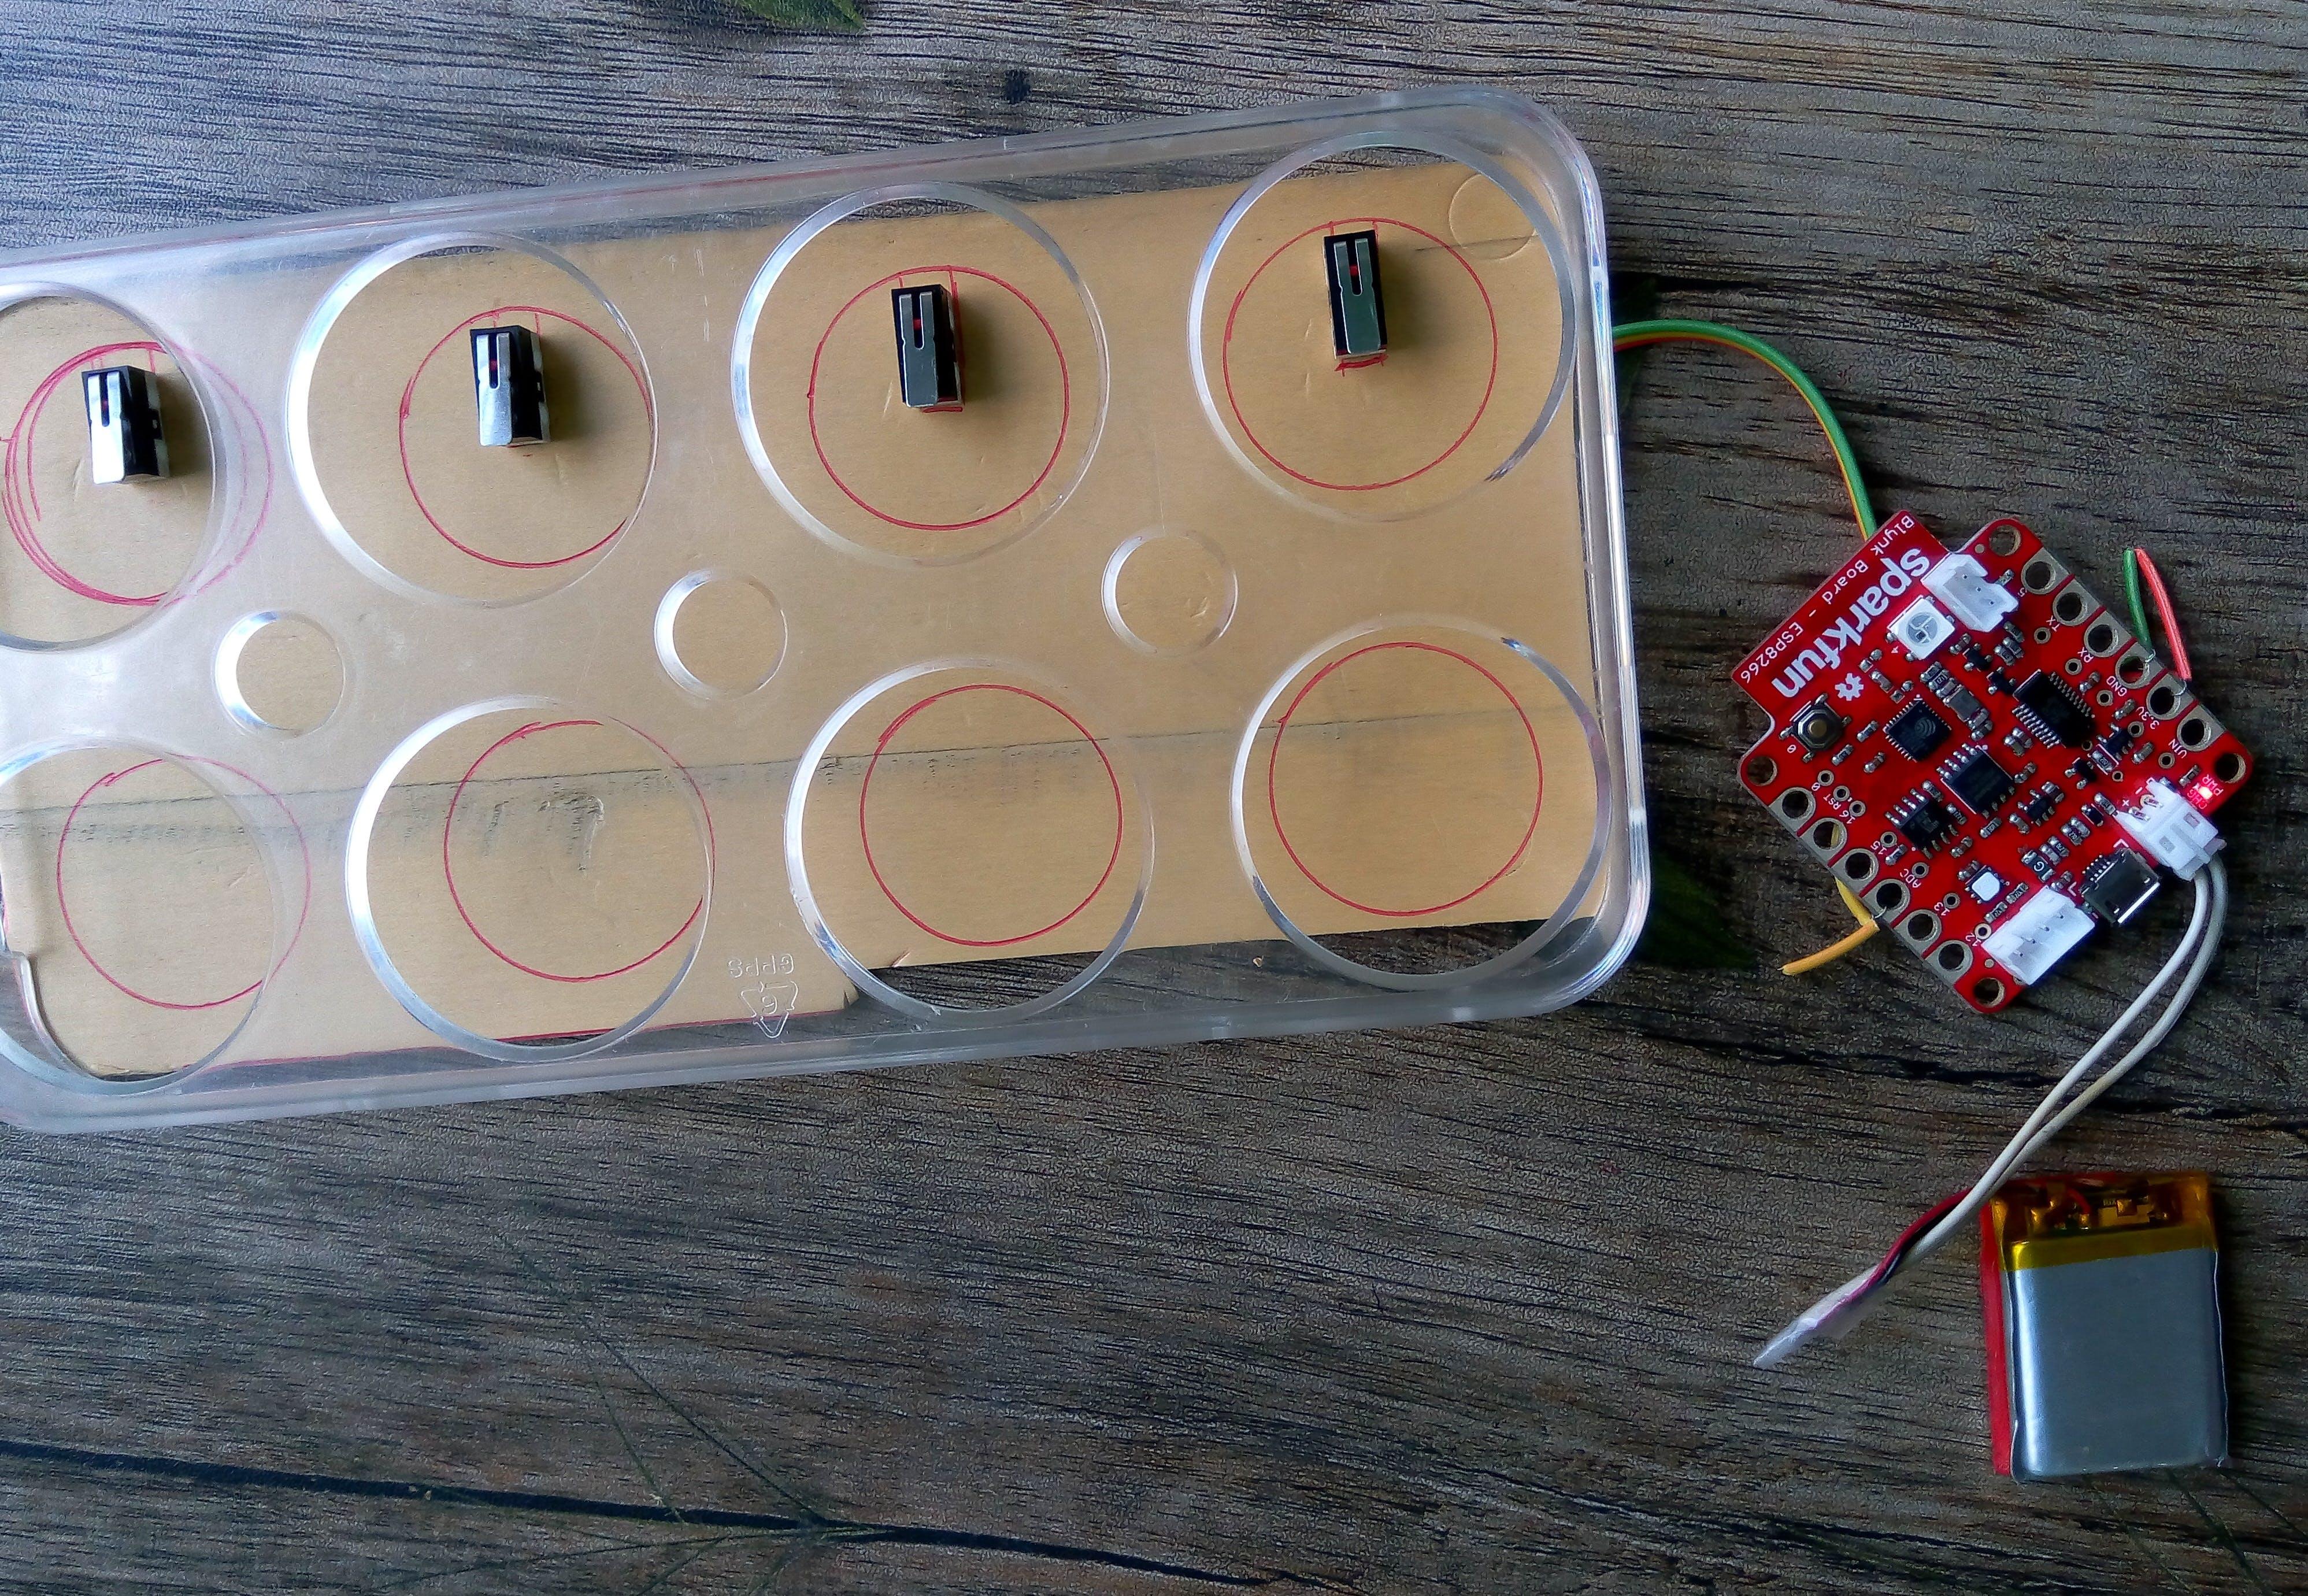 IoT egg tray